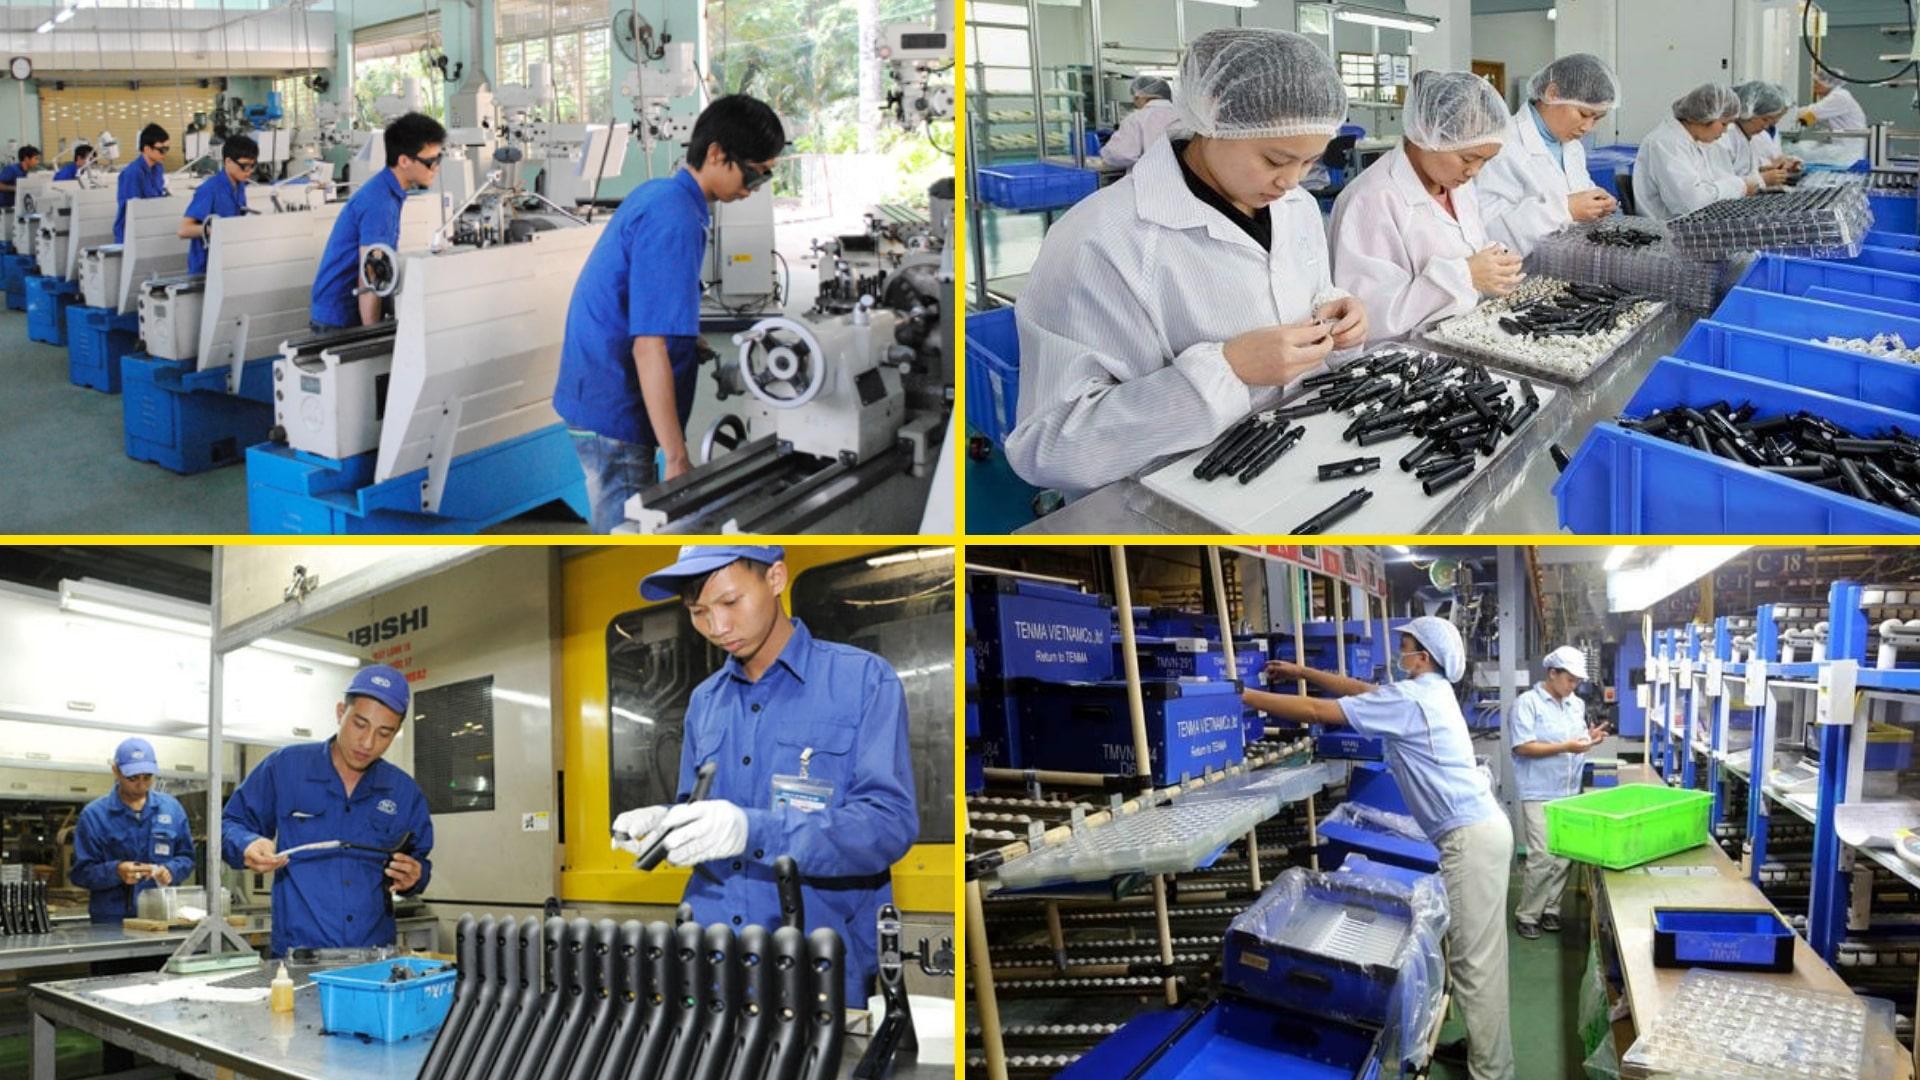 Tổng hợp các đơn hàng đặc định ngành cơ khí Nhật Bản lương cao năm 2021